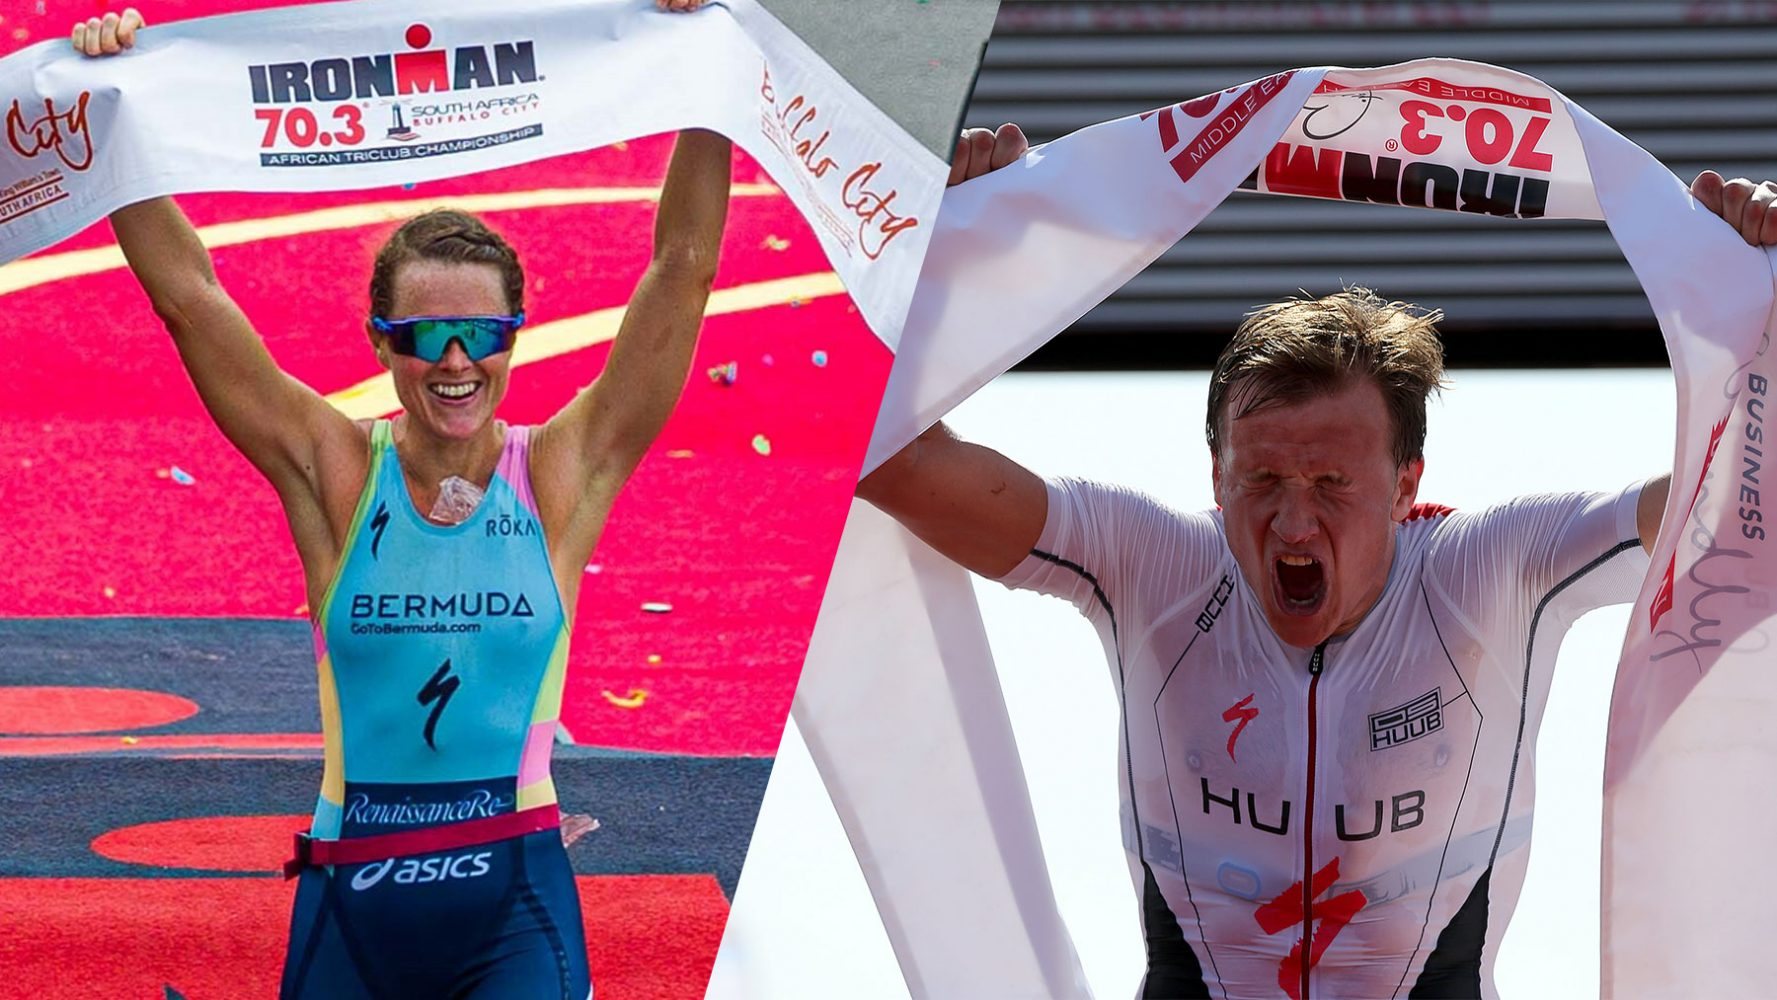 Flora Duffy / Kristian Blummenfelt - Ironman